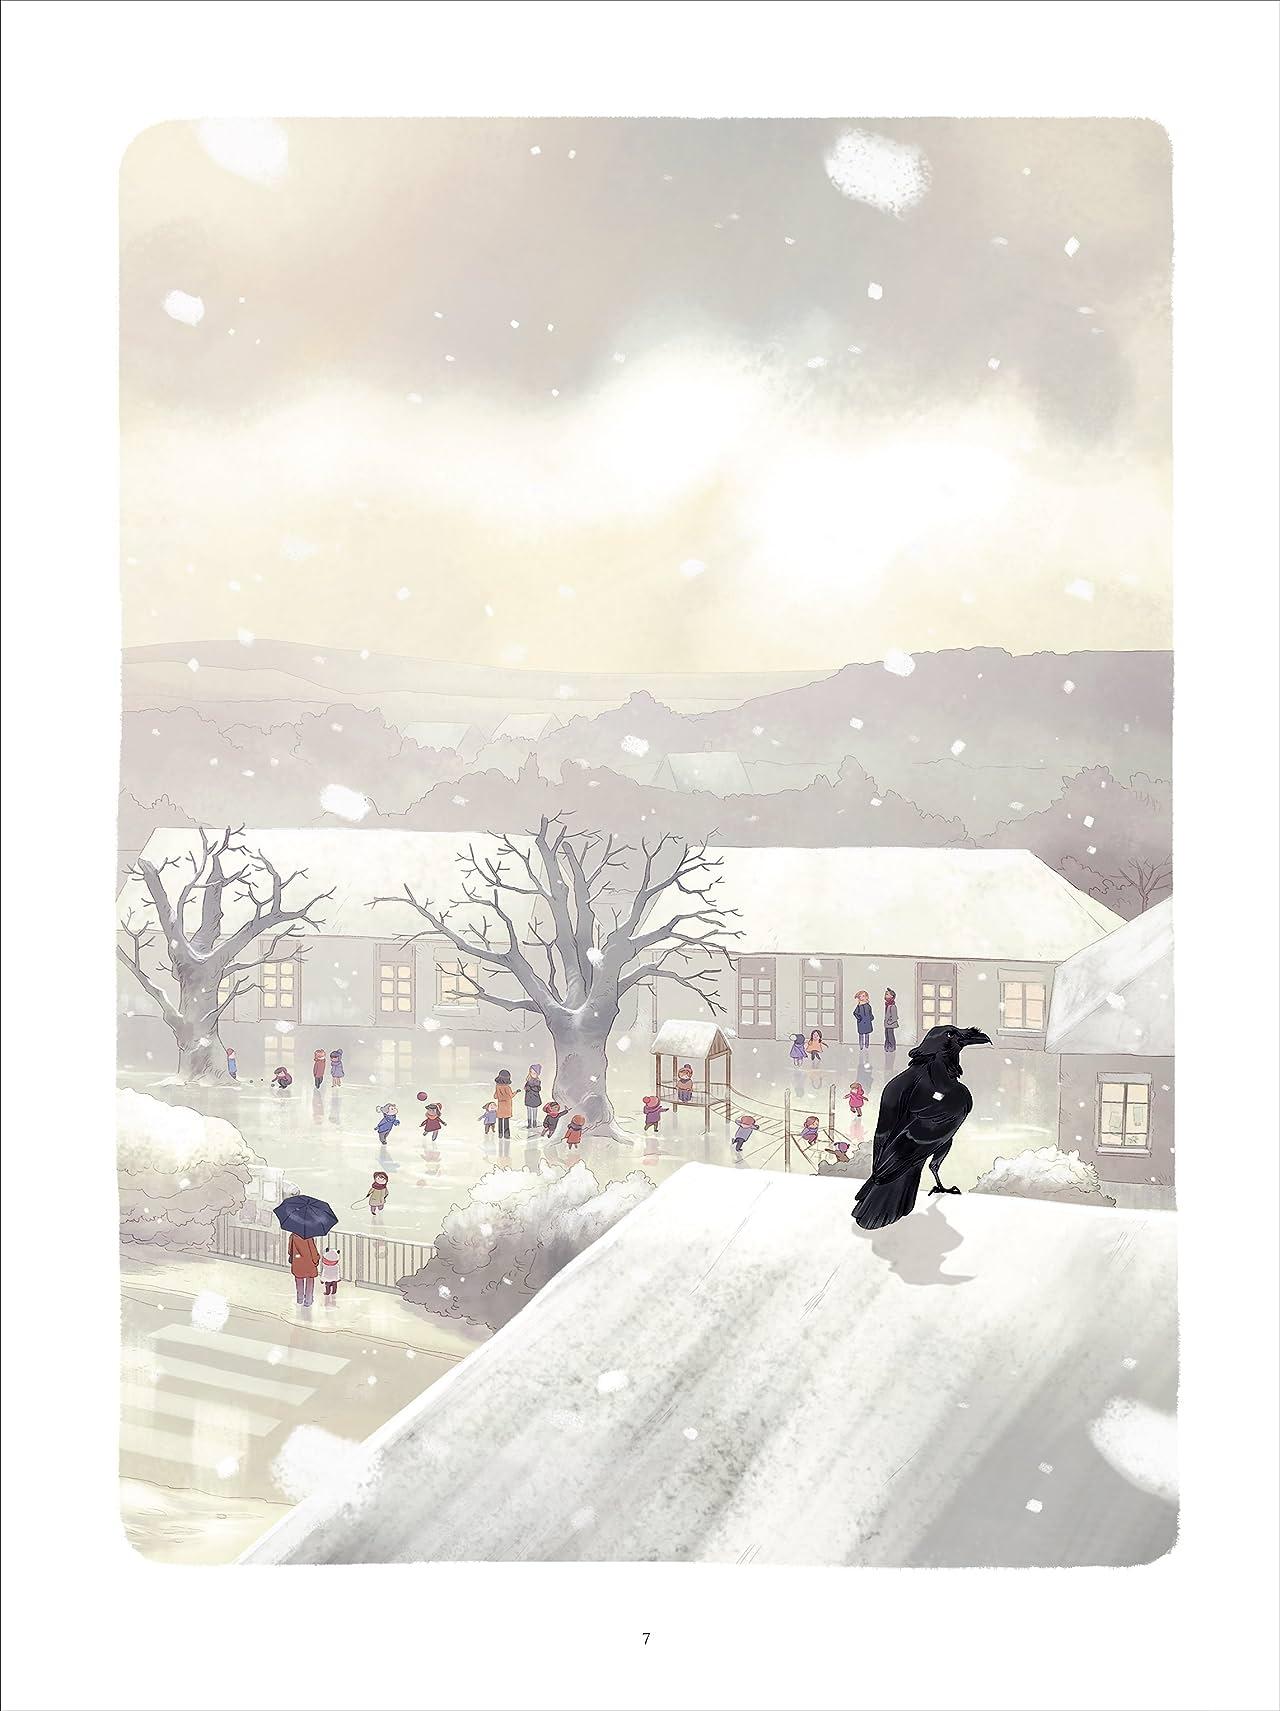 Les Carnets de Cerise Vol. 5: Des premières neiges aux perséides